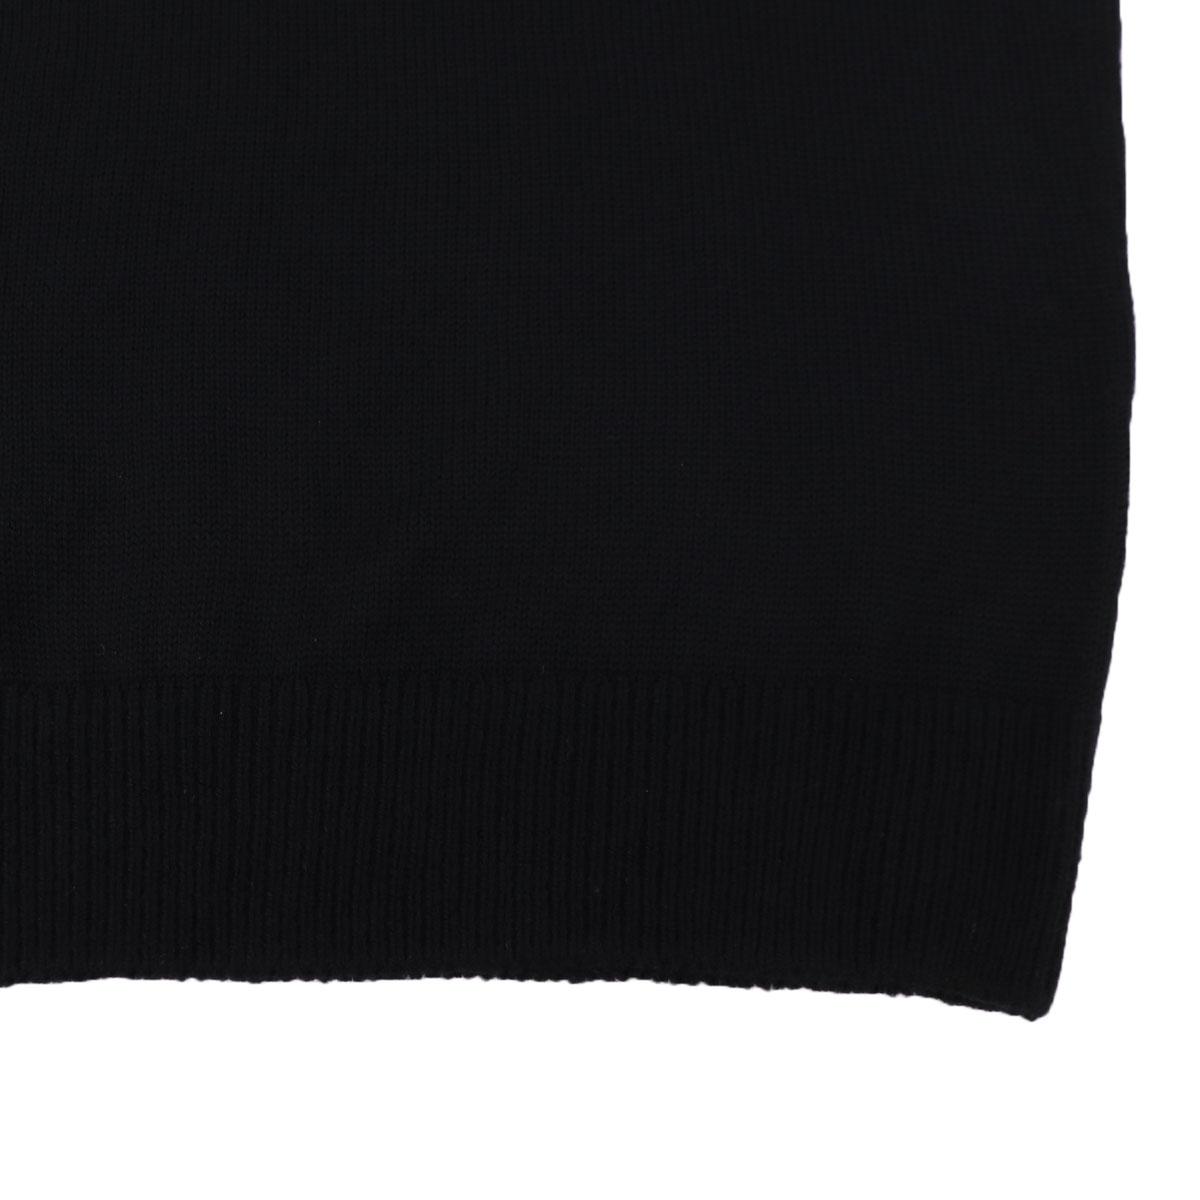 7G モックネックセーター SL190004 BLACK (ブラック)